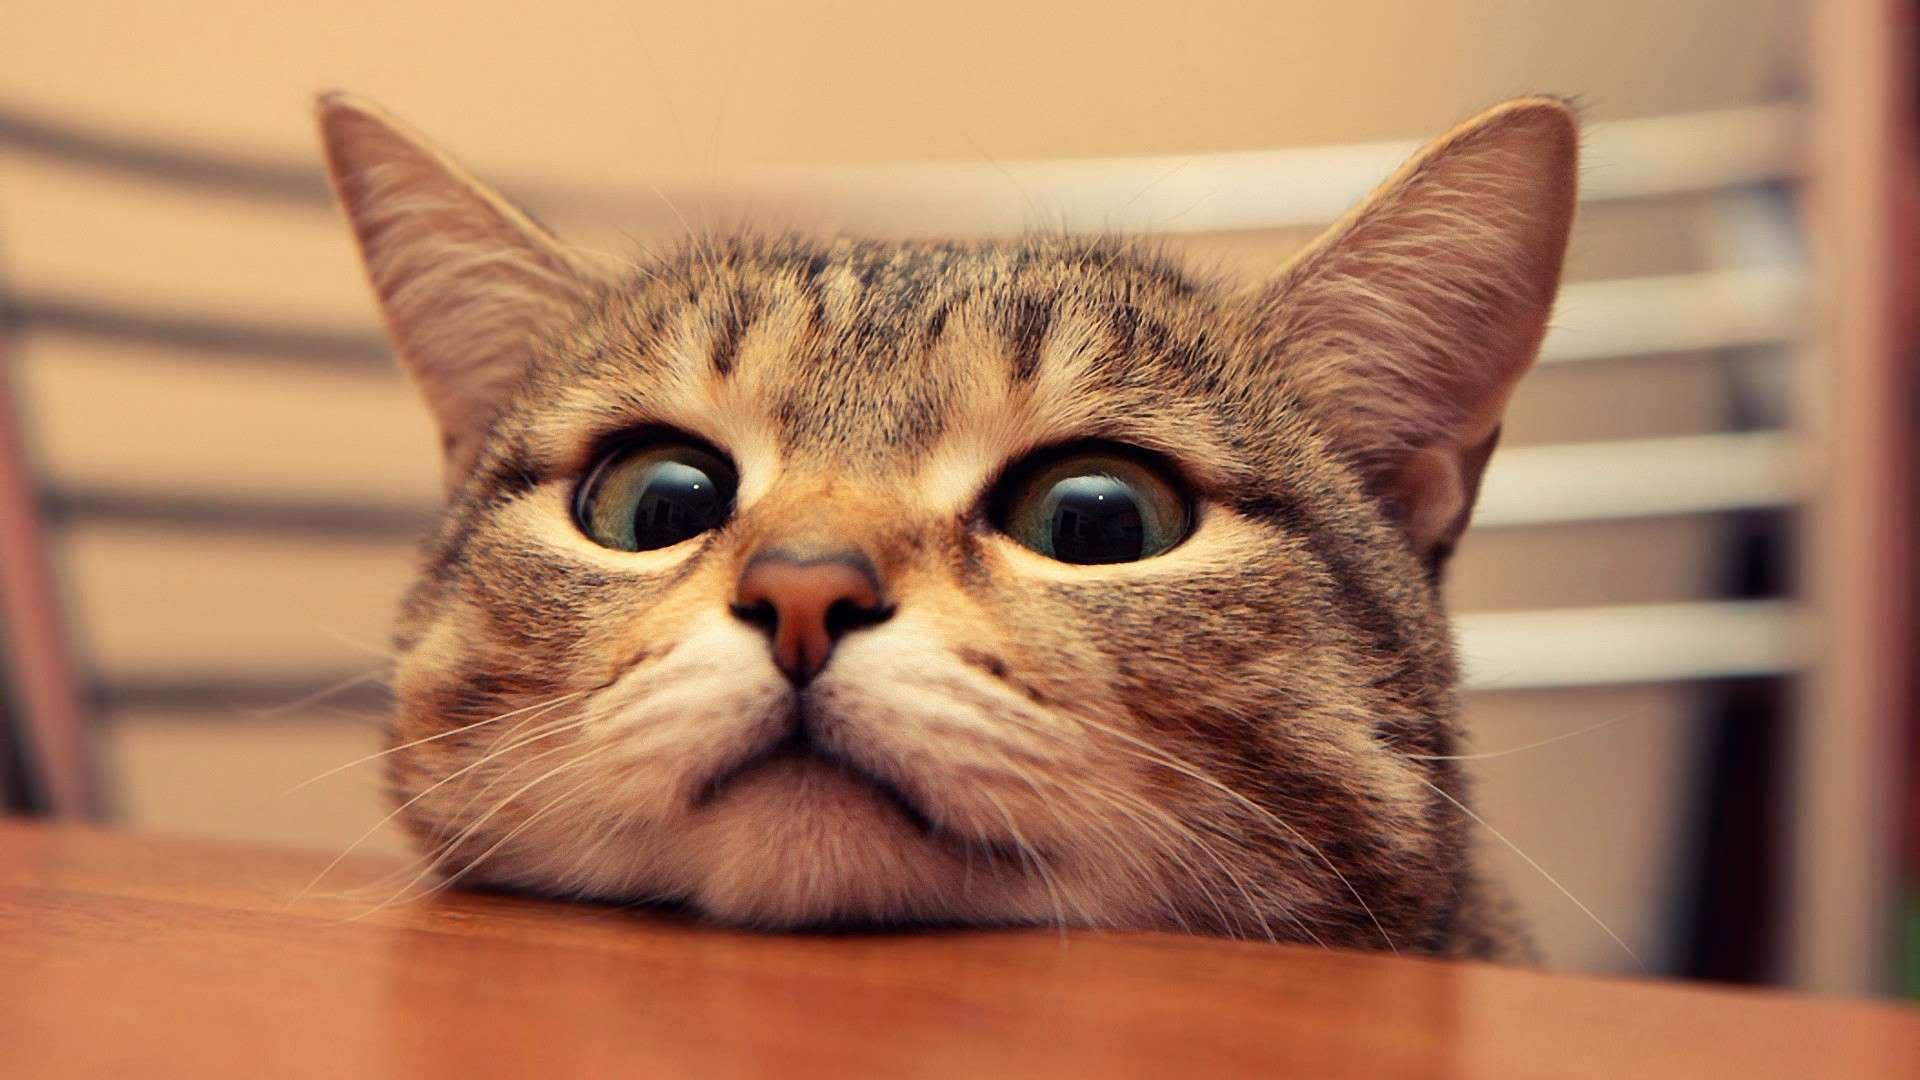 可愛い猫の壁紙画像まとめ 1920 1020px ねこマイスター